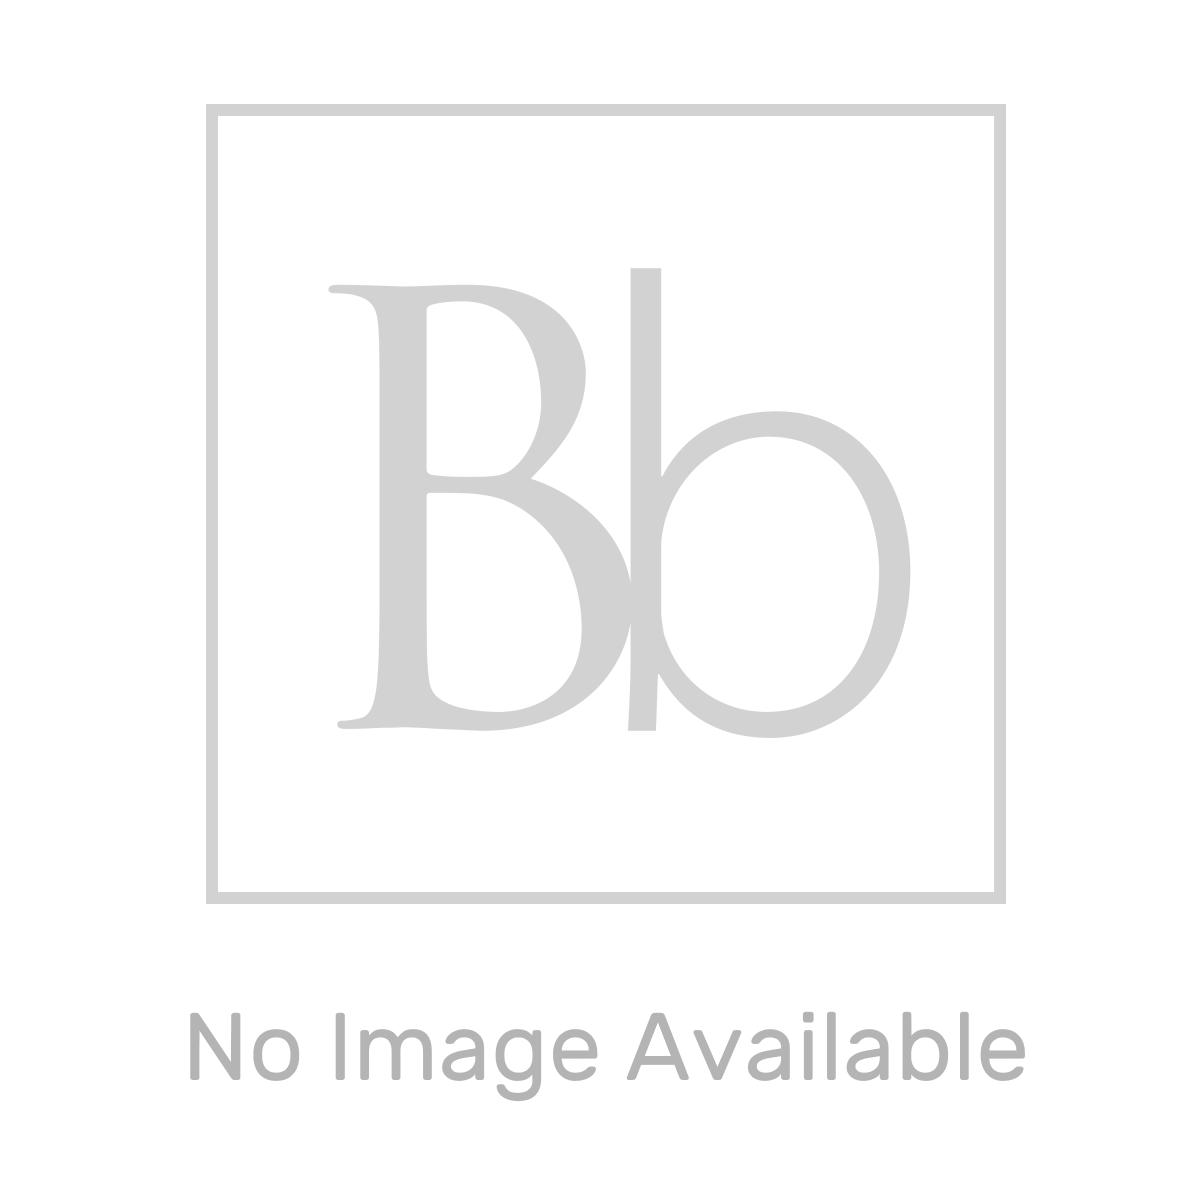 Nuie Athena Grey Avola 2 Door Wall Hung Vanity Unit with 18mm Worktop 500mm